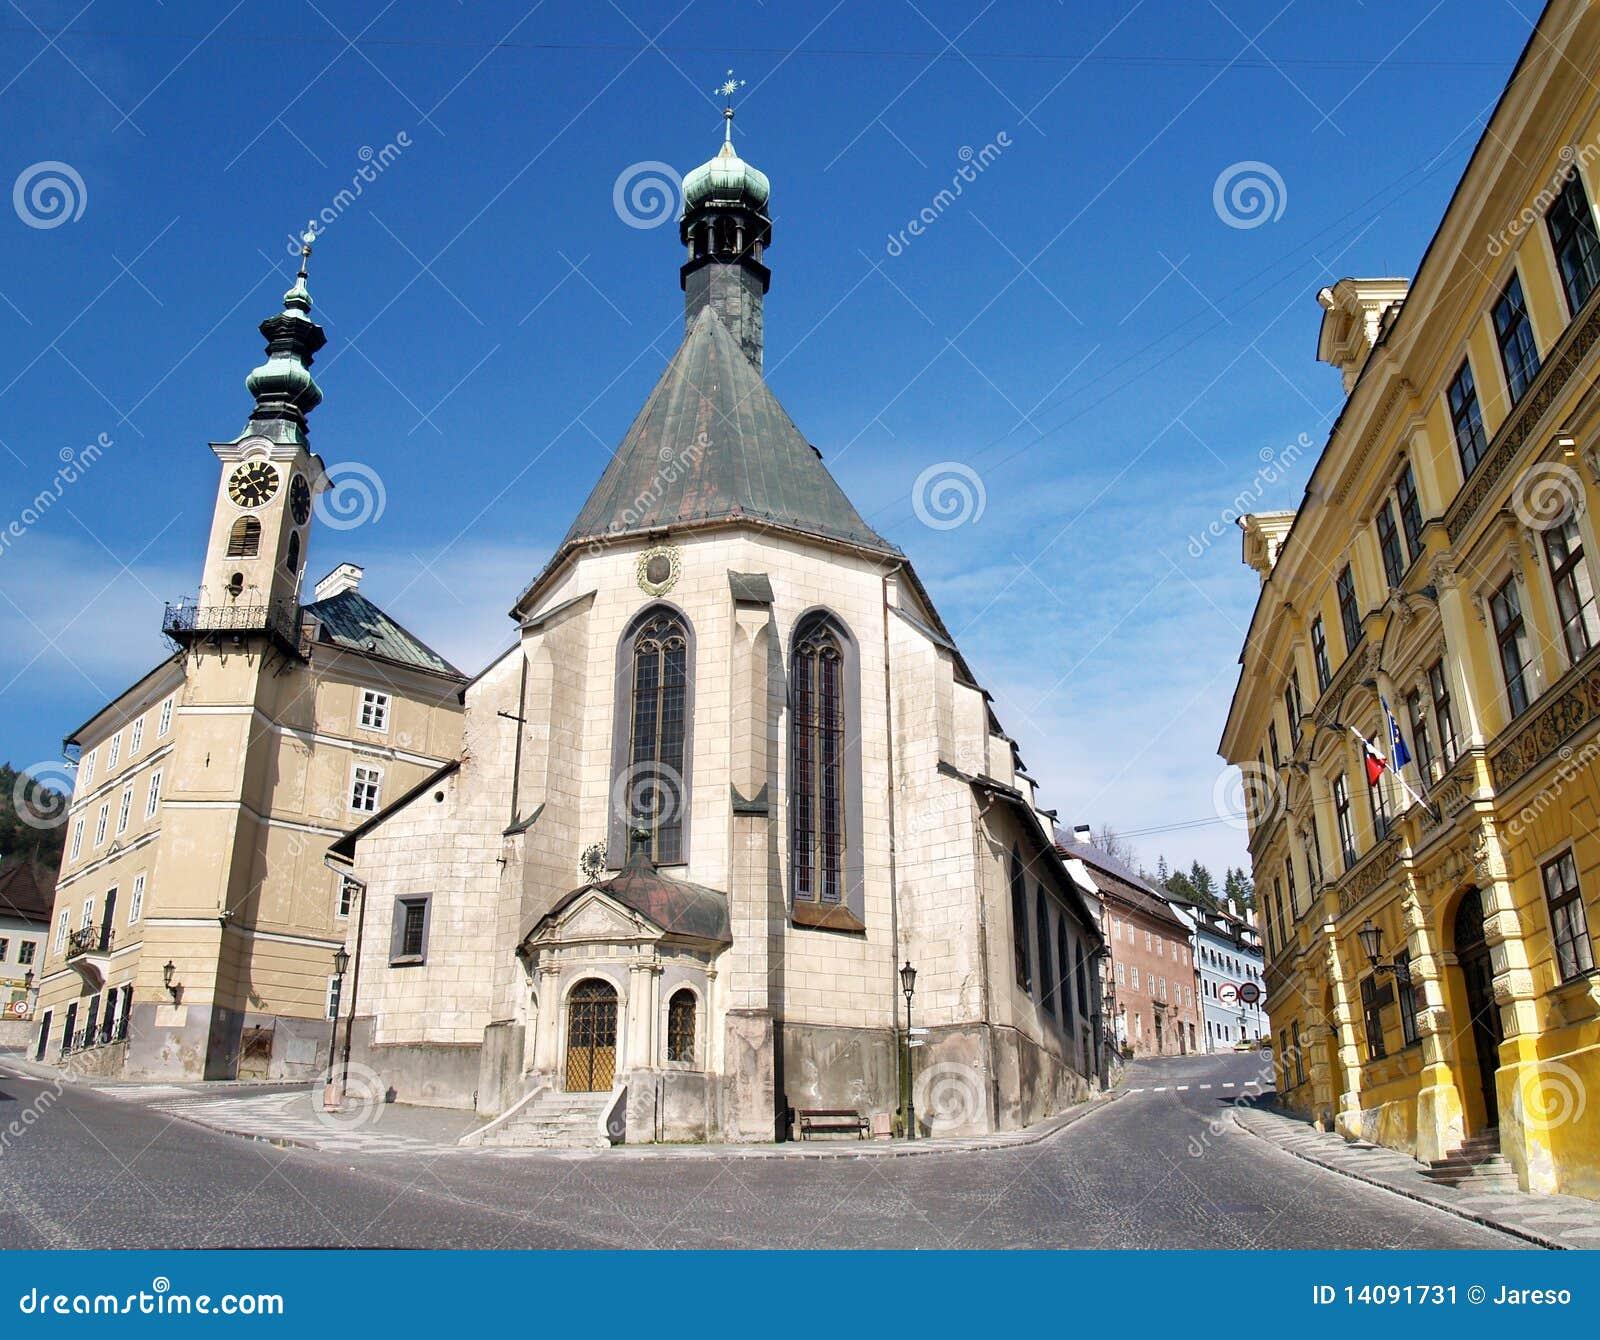 Church in Banska Stiavnica